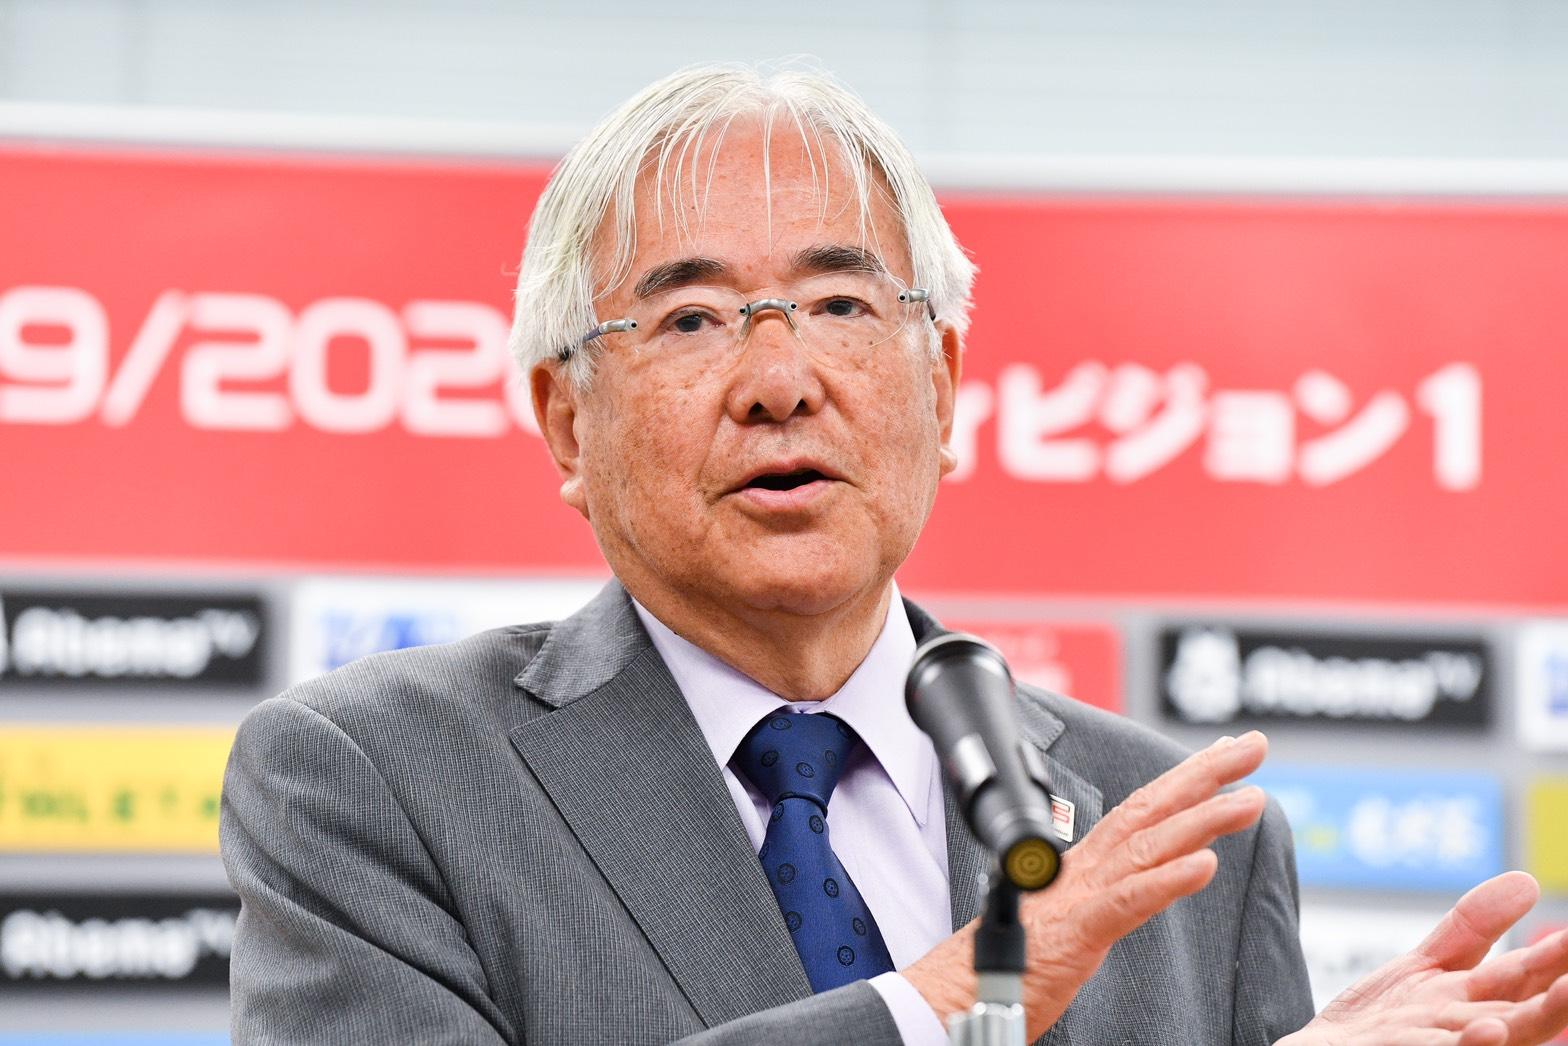 小倉純二COOが任期満了。名誉COOに就任が決定! 新COOはエスポラーダ北海道実行委員の福村景樹氏が務める。